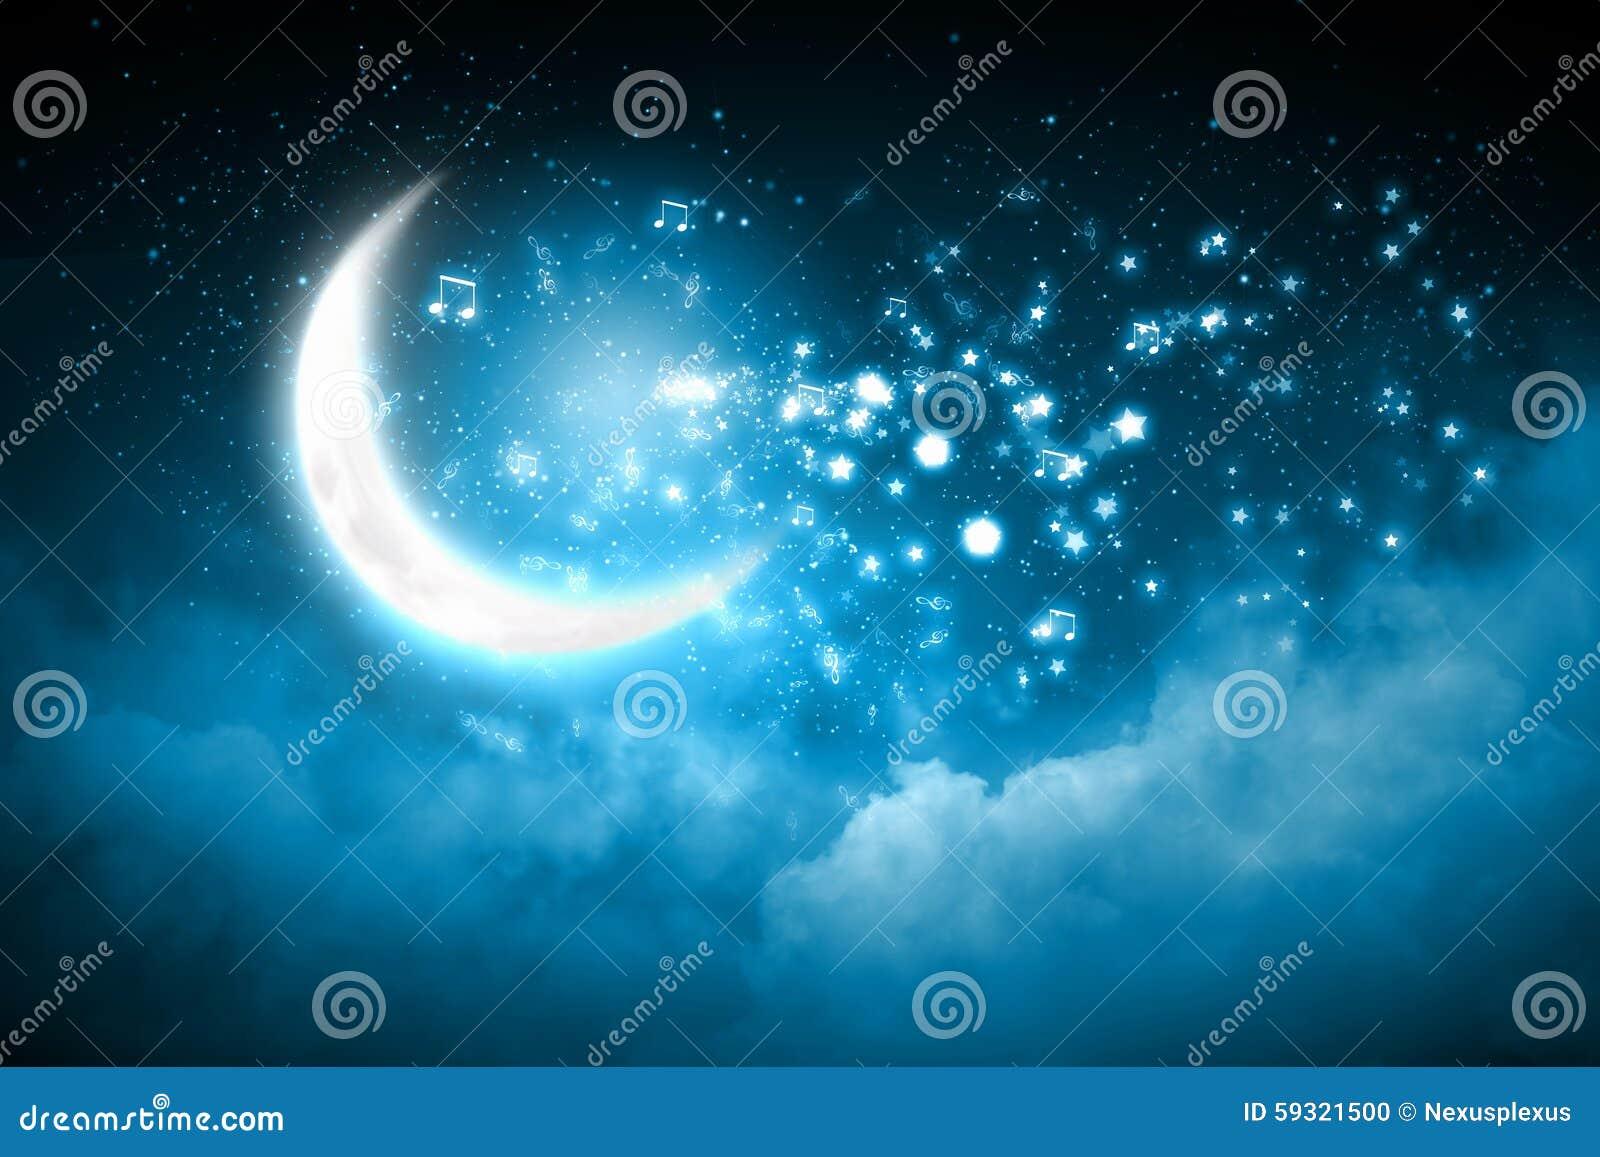 Mond hintergrund